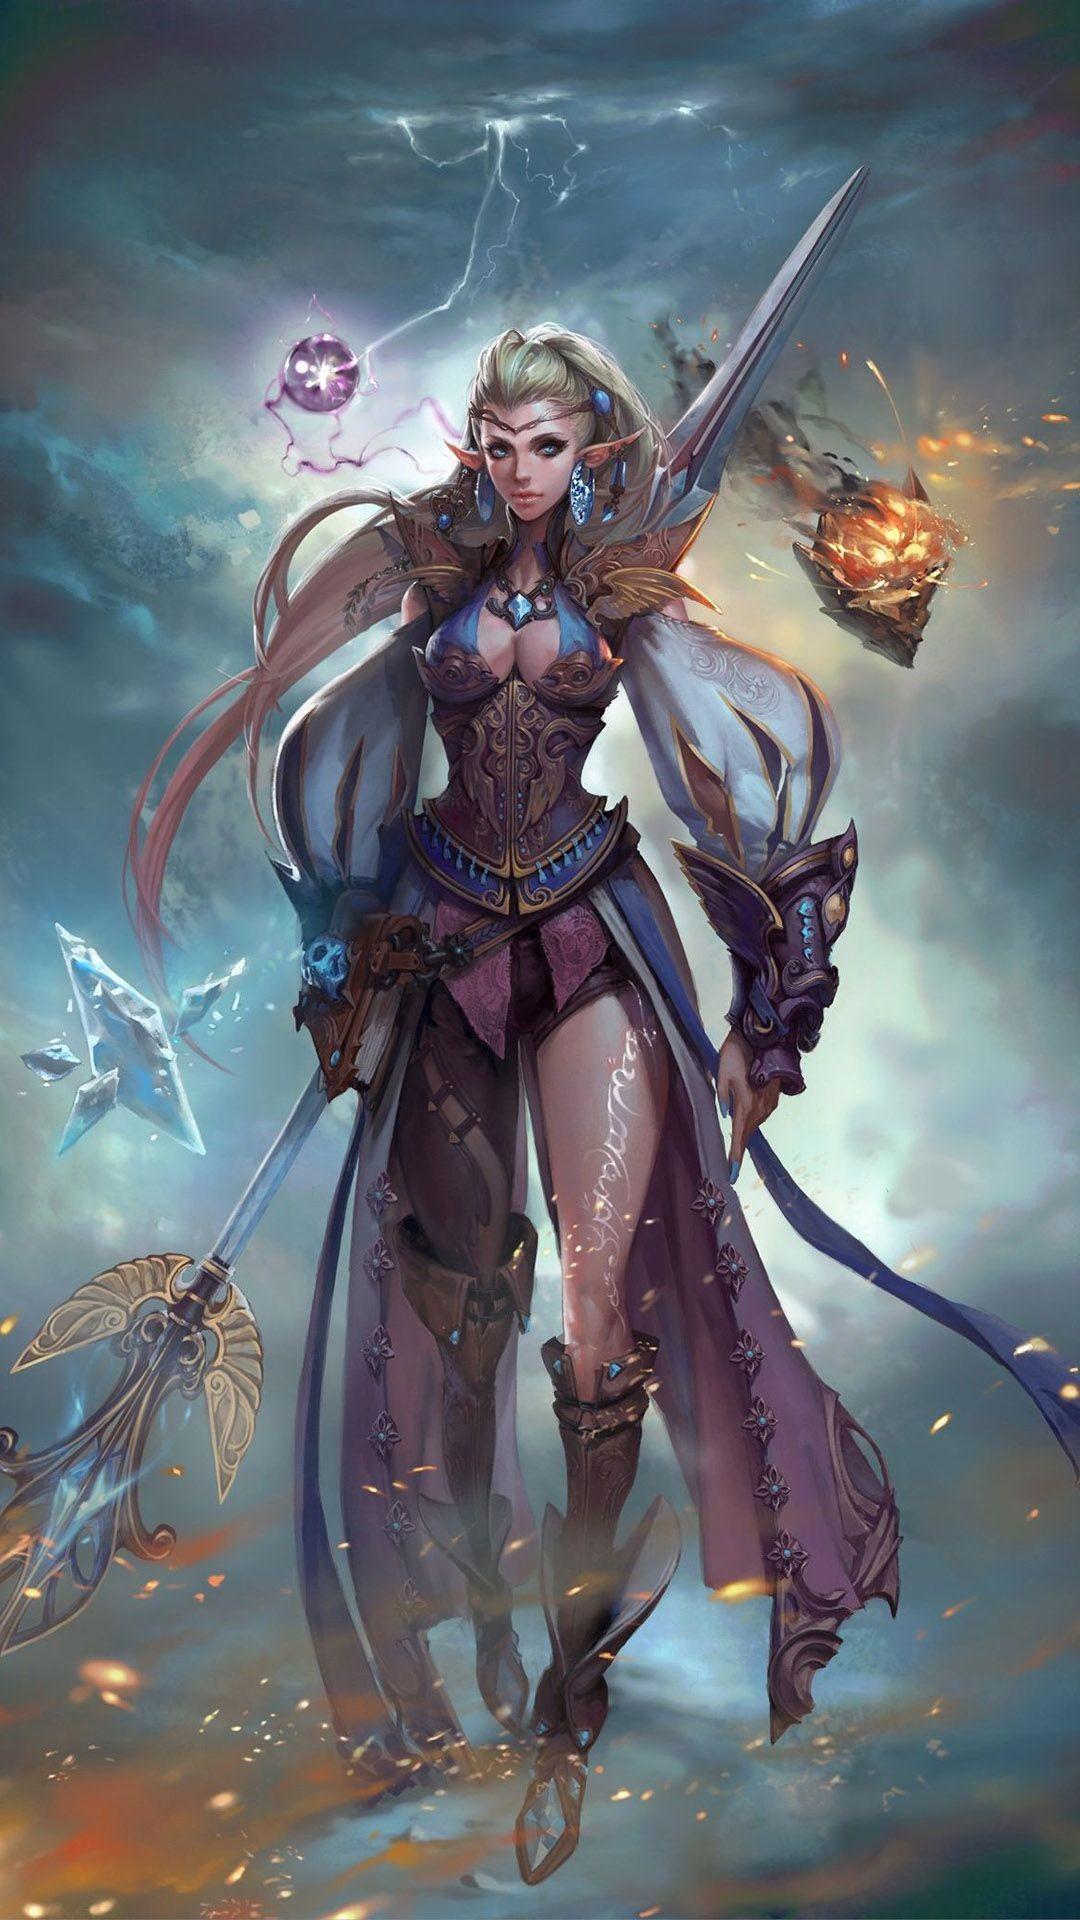 … Elf warrior girl Anime mobile wallpaper